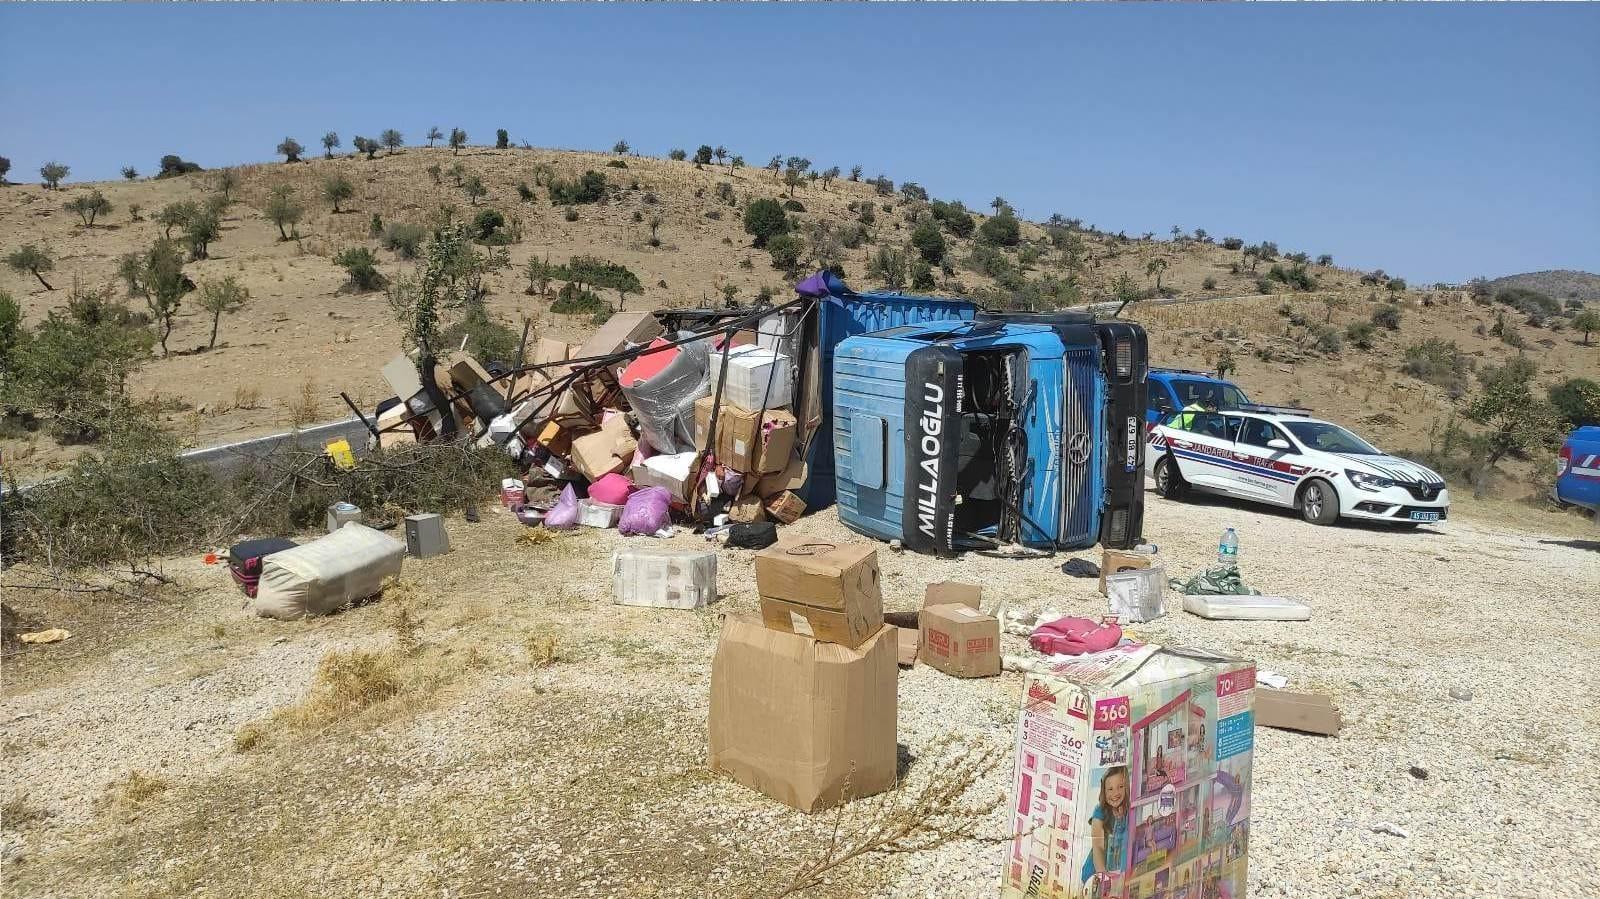 Freni tutmayan kamyonda bulunan, 2'si ağır 7 kişi yaralandı